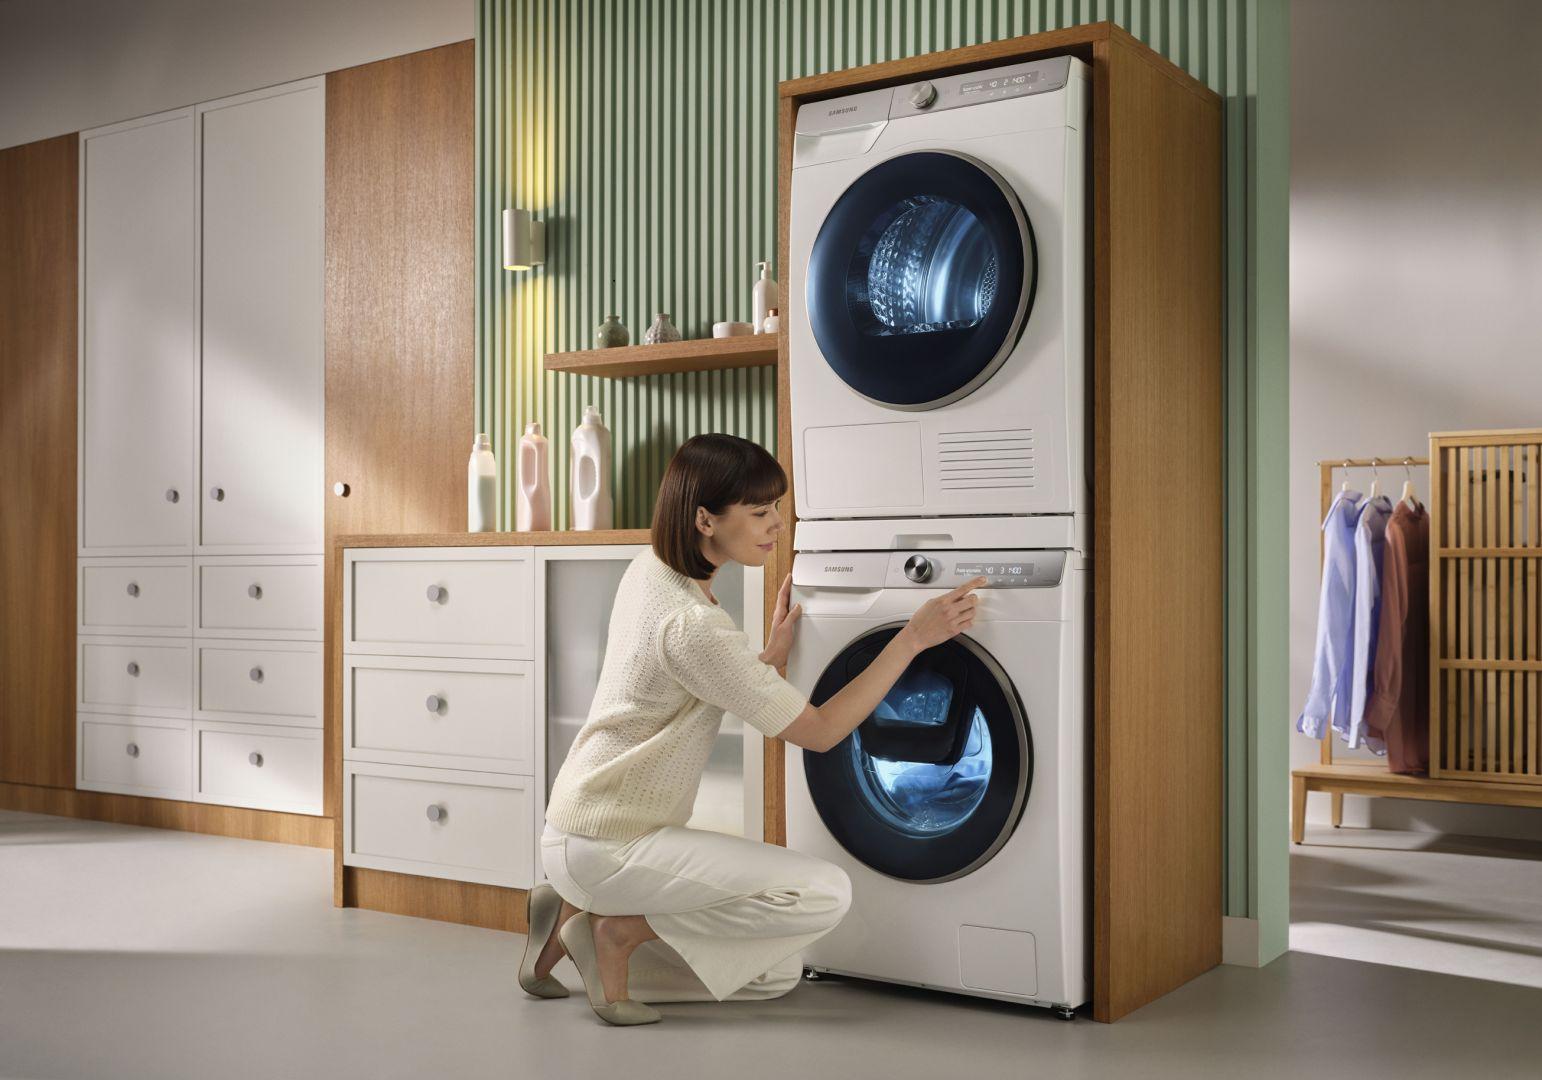 Suszarka może stanąć na pralce, a tym samym nie zabierze nawet centymetra powierzchni, po której się poruszamy. Fot. Samsung